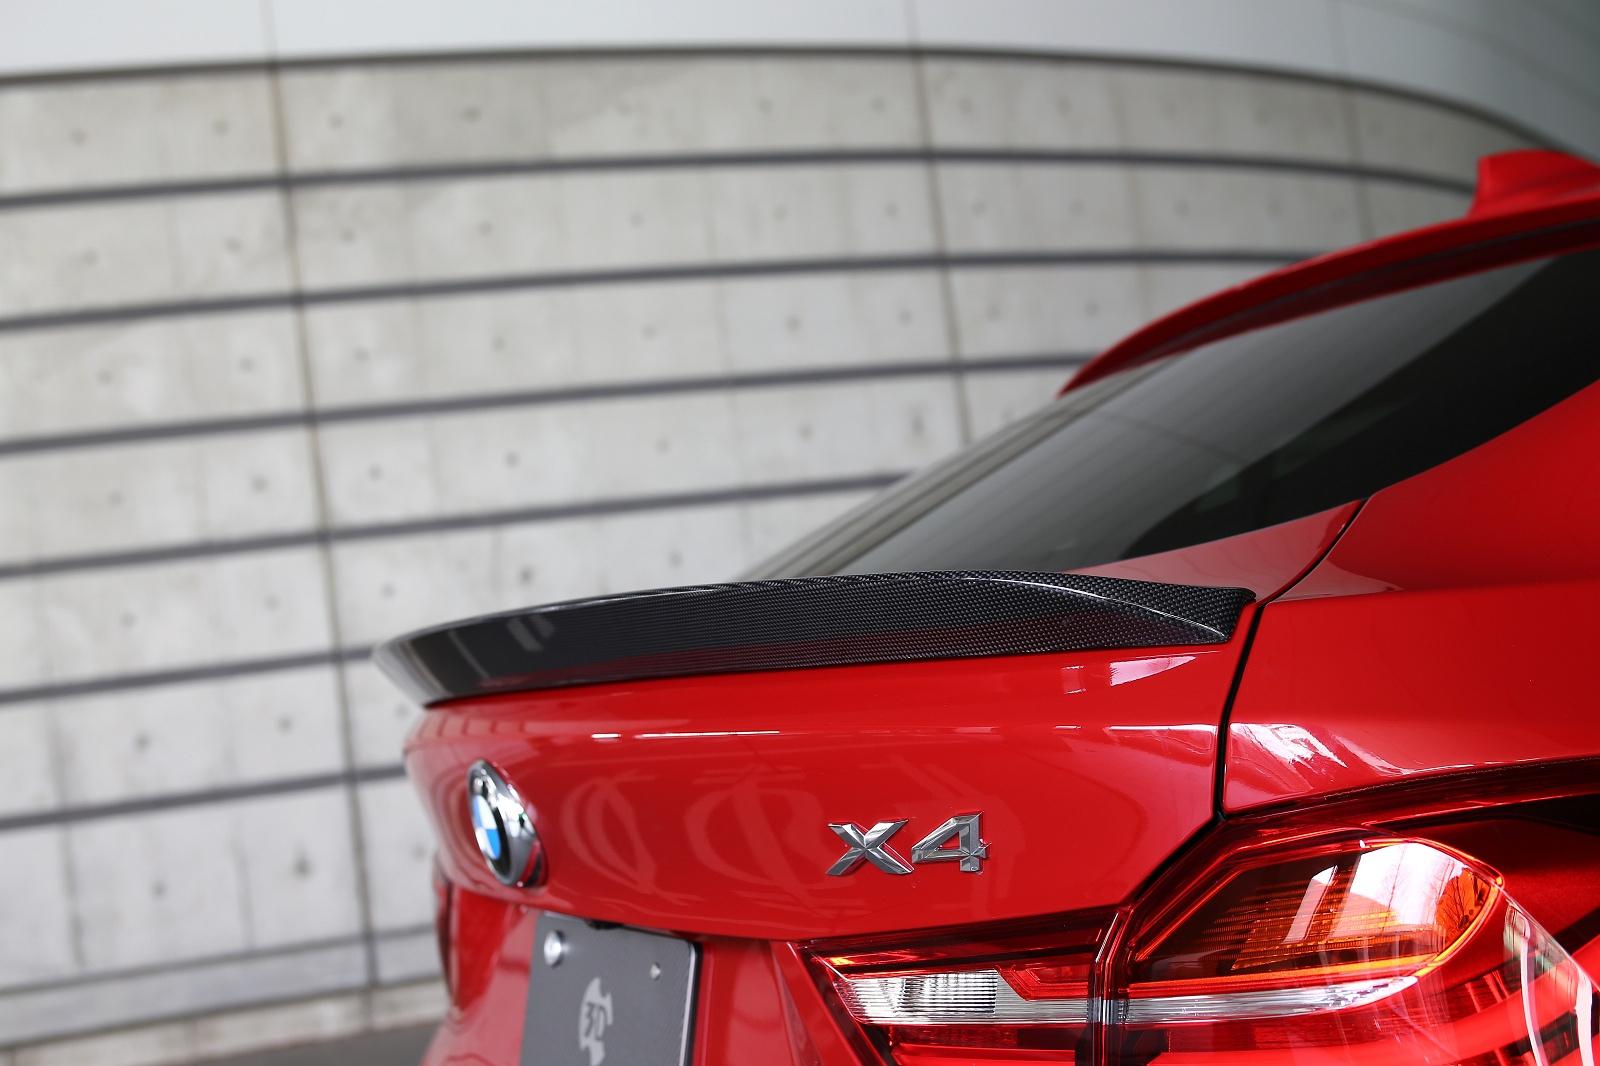 3D Designカーボントランクスポイラー for BMW F26 X4